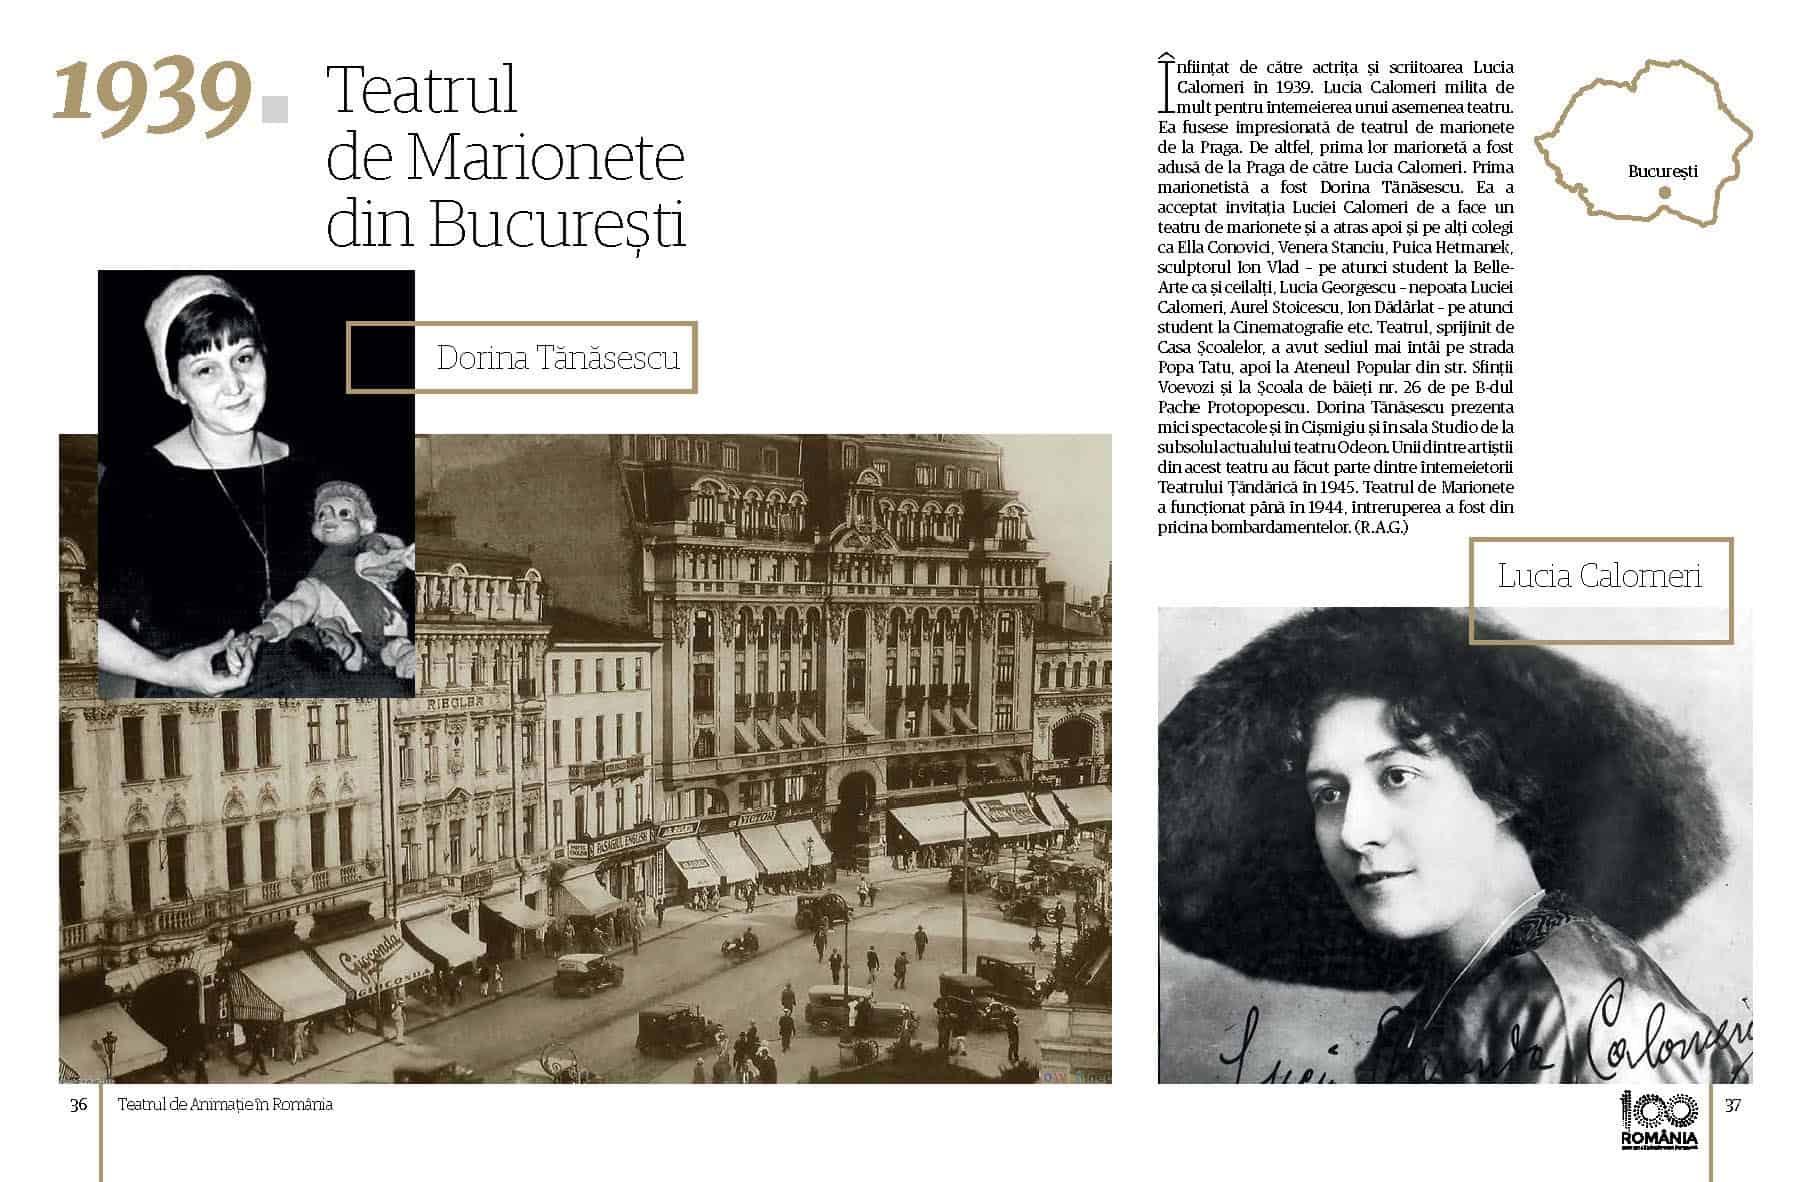 Album Teatrul de Animatie in Romania final preview fata in fata Page 19 2